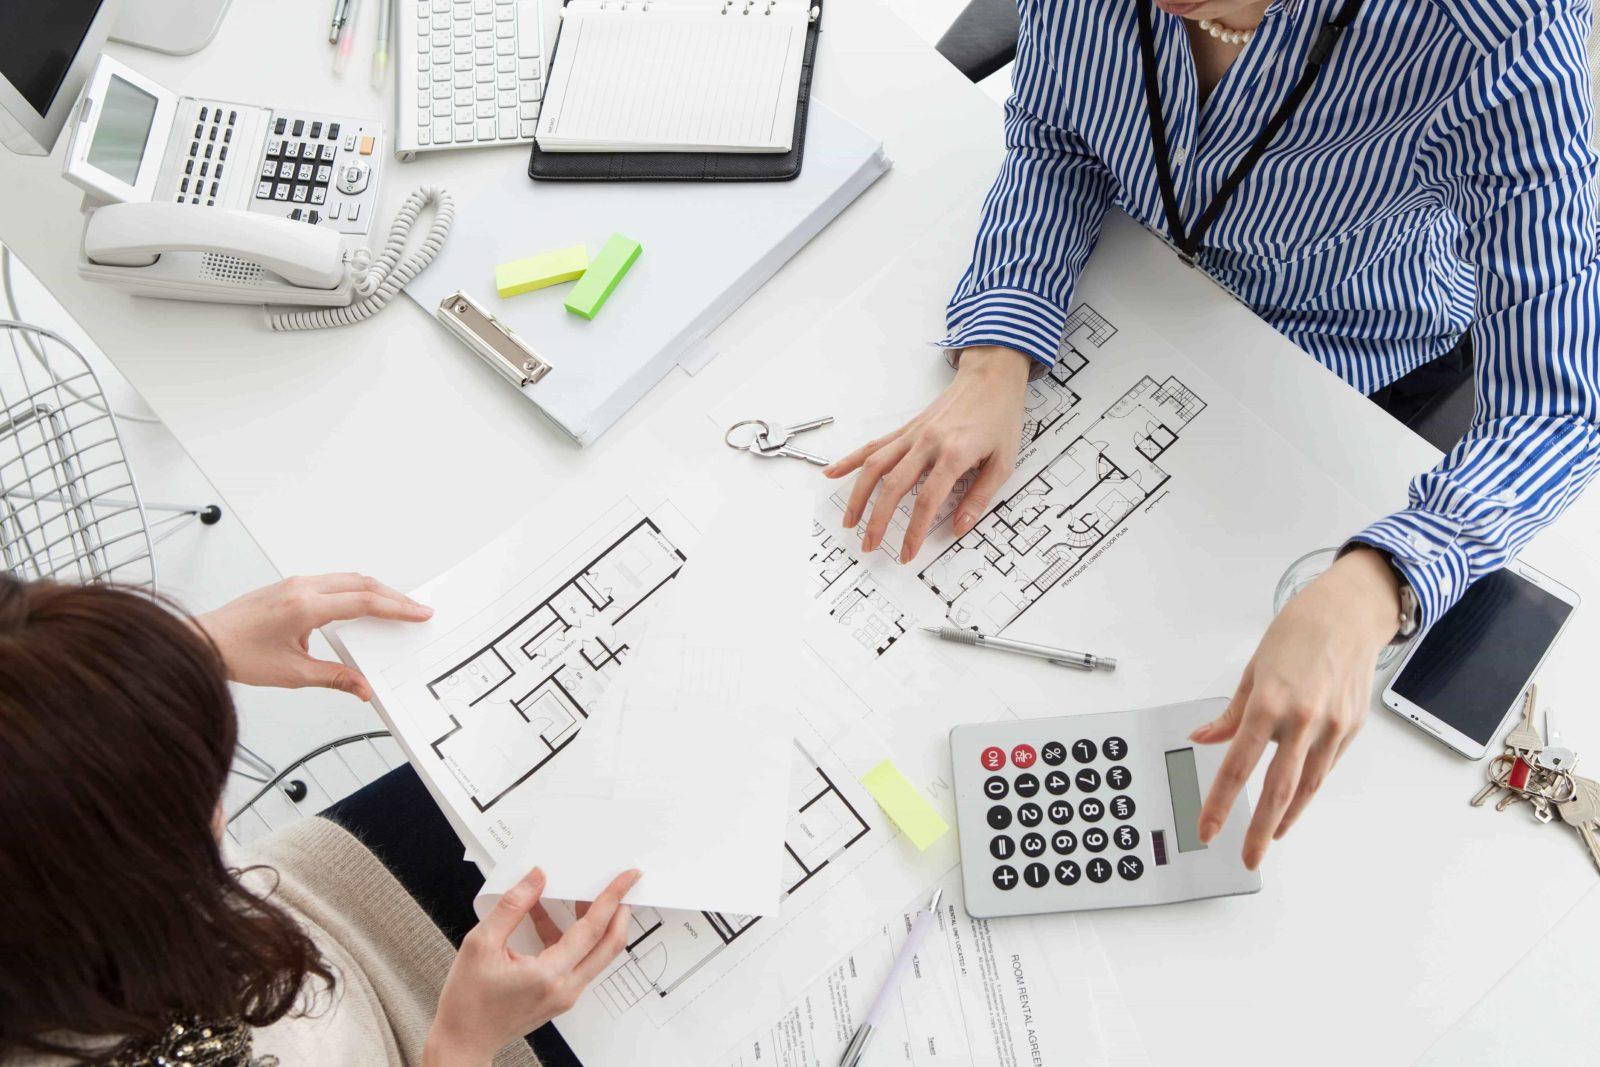 agente inmobiliario valoracion propiedad